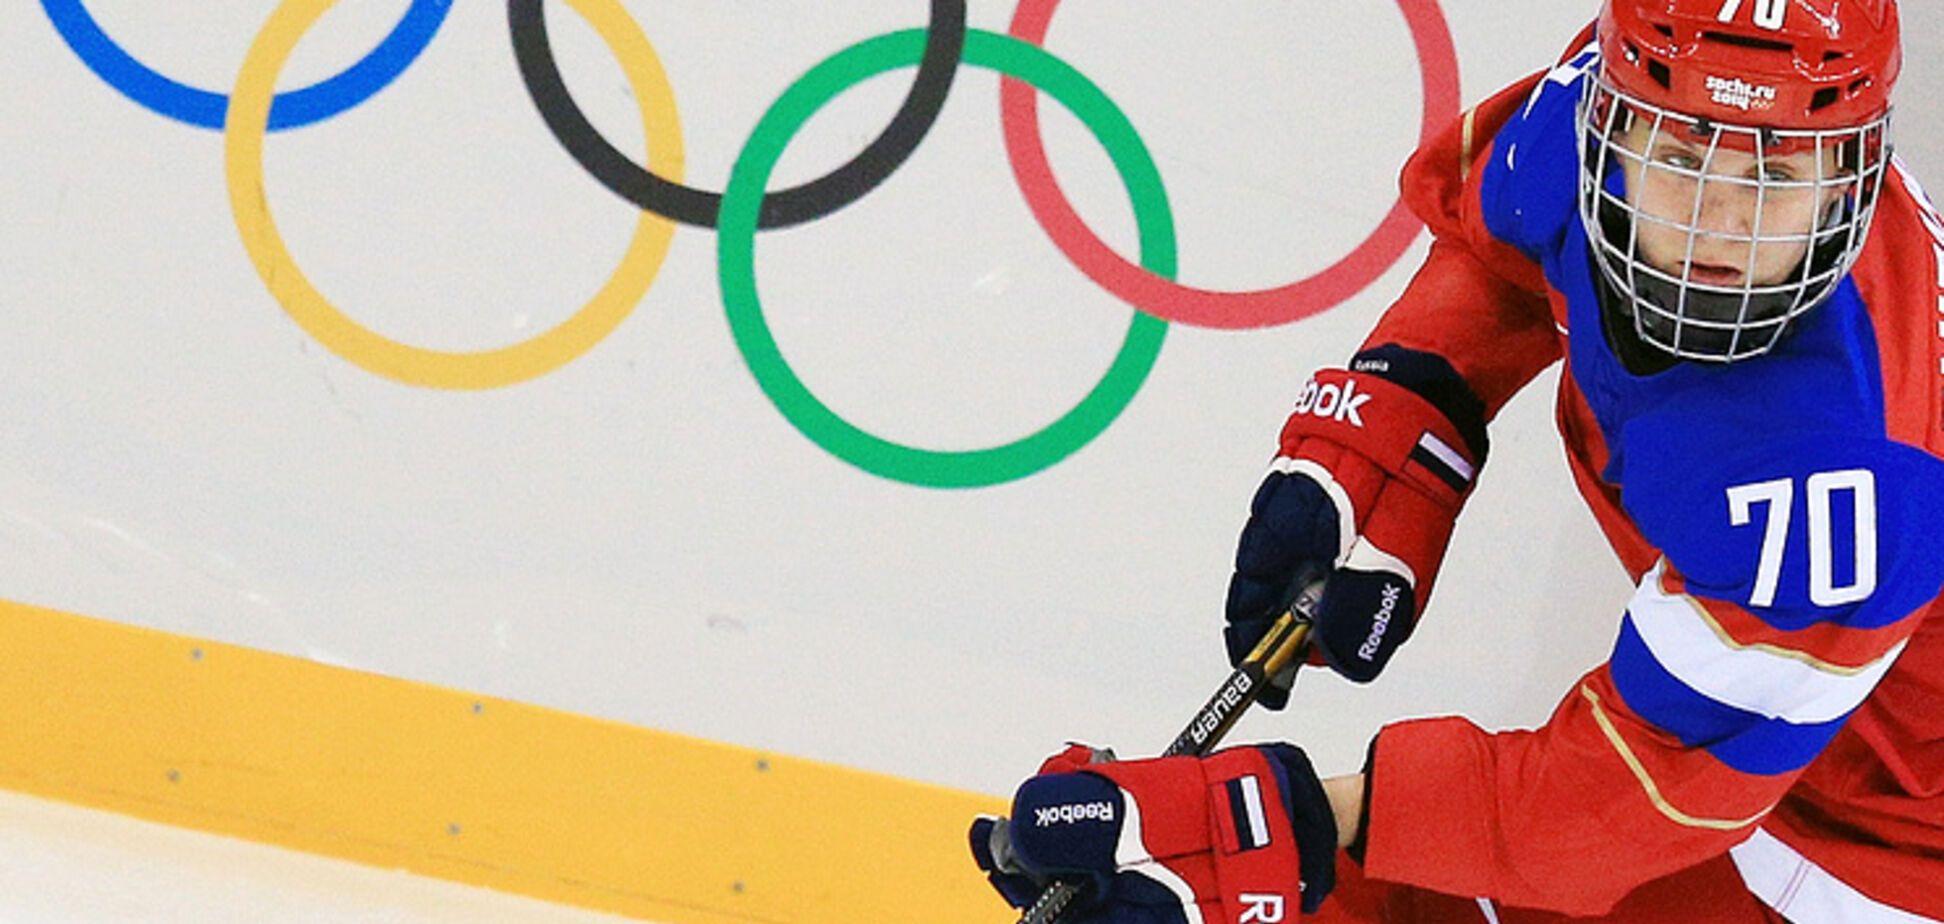 Какой-то мутант: МОК шокировал находкой в допинг-пробе известной российской спортсменки